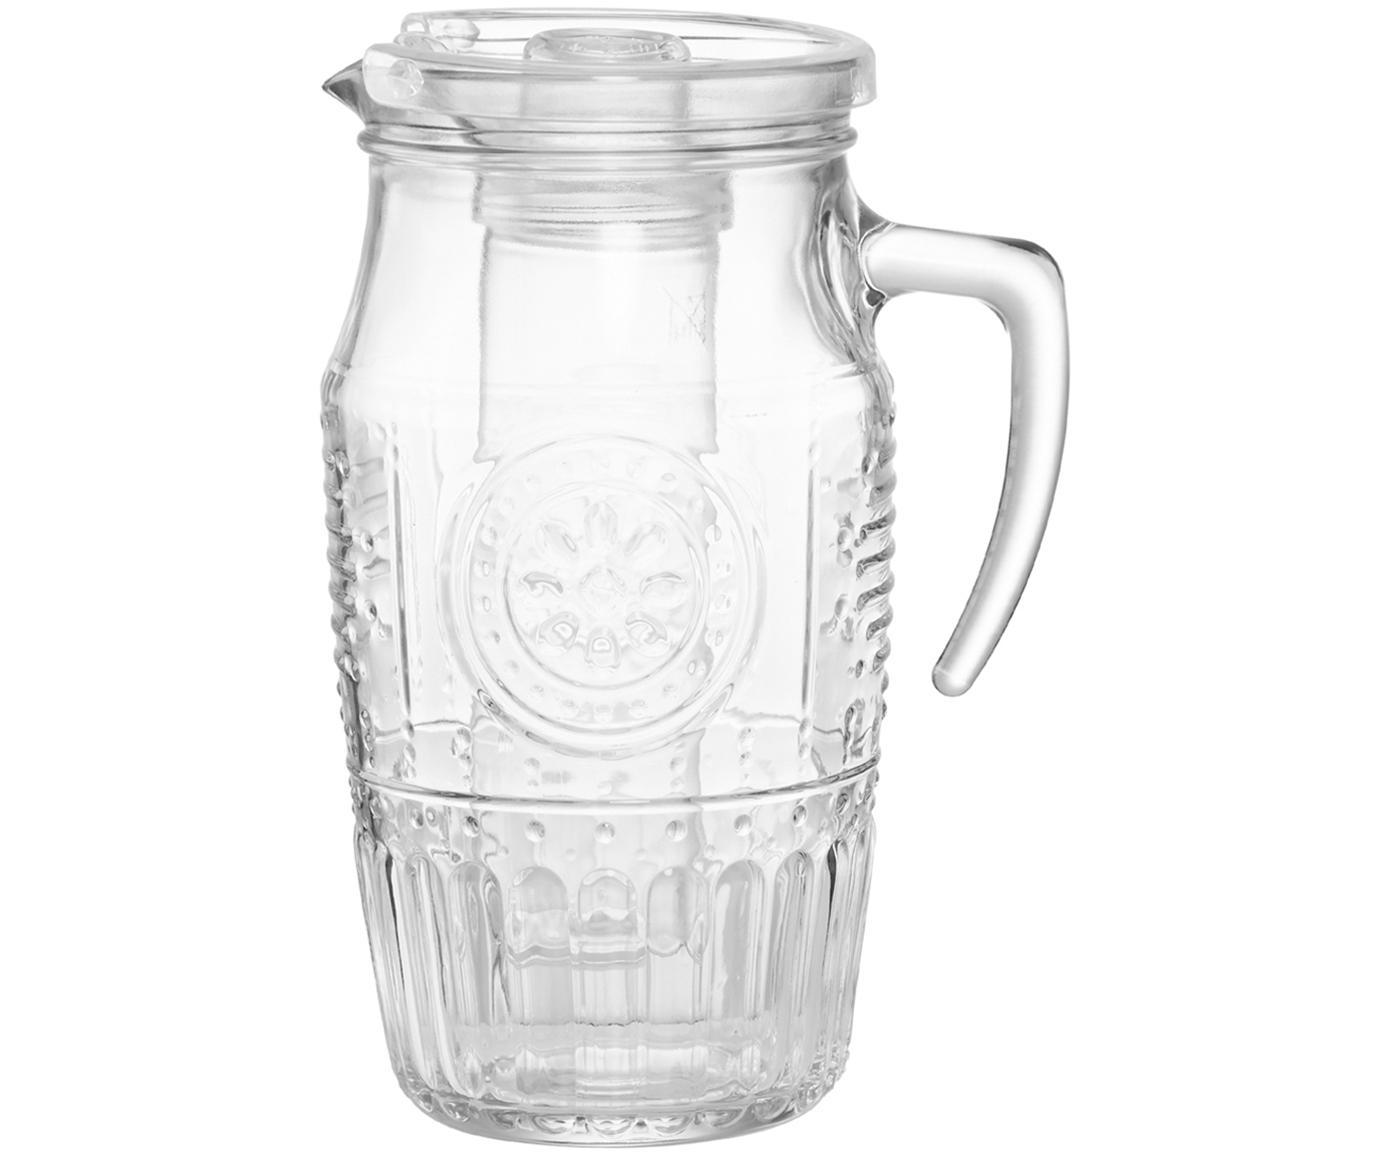 Karaf Freezy met ijsinzet en reliëf, Glas, polypropyleen, Transparant, Ø 11 x H 24 cm